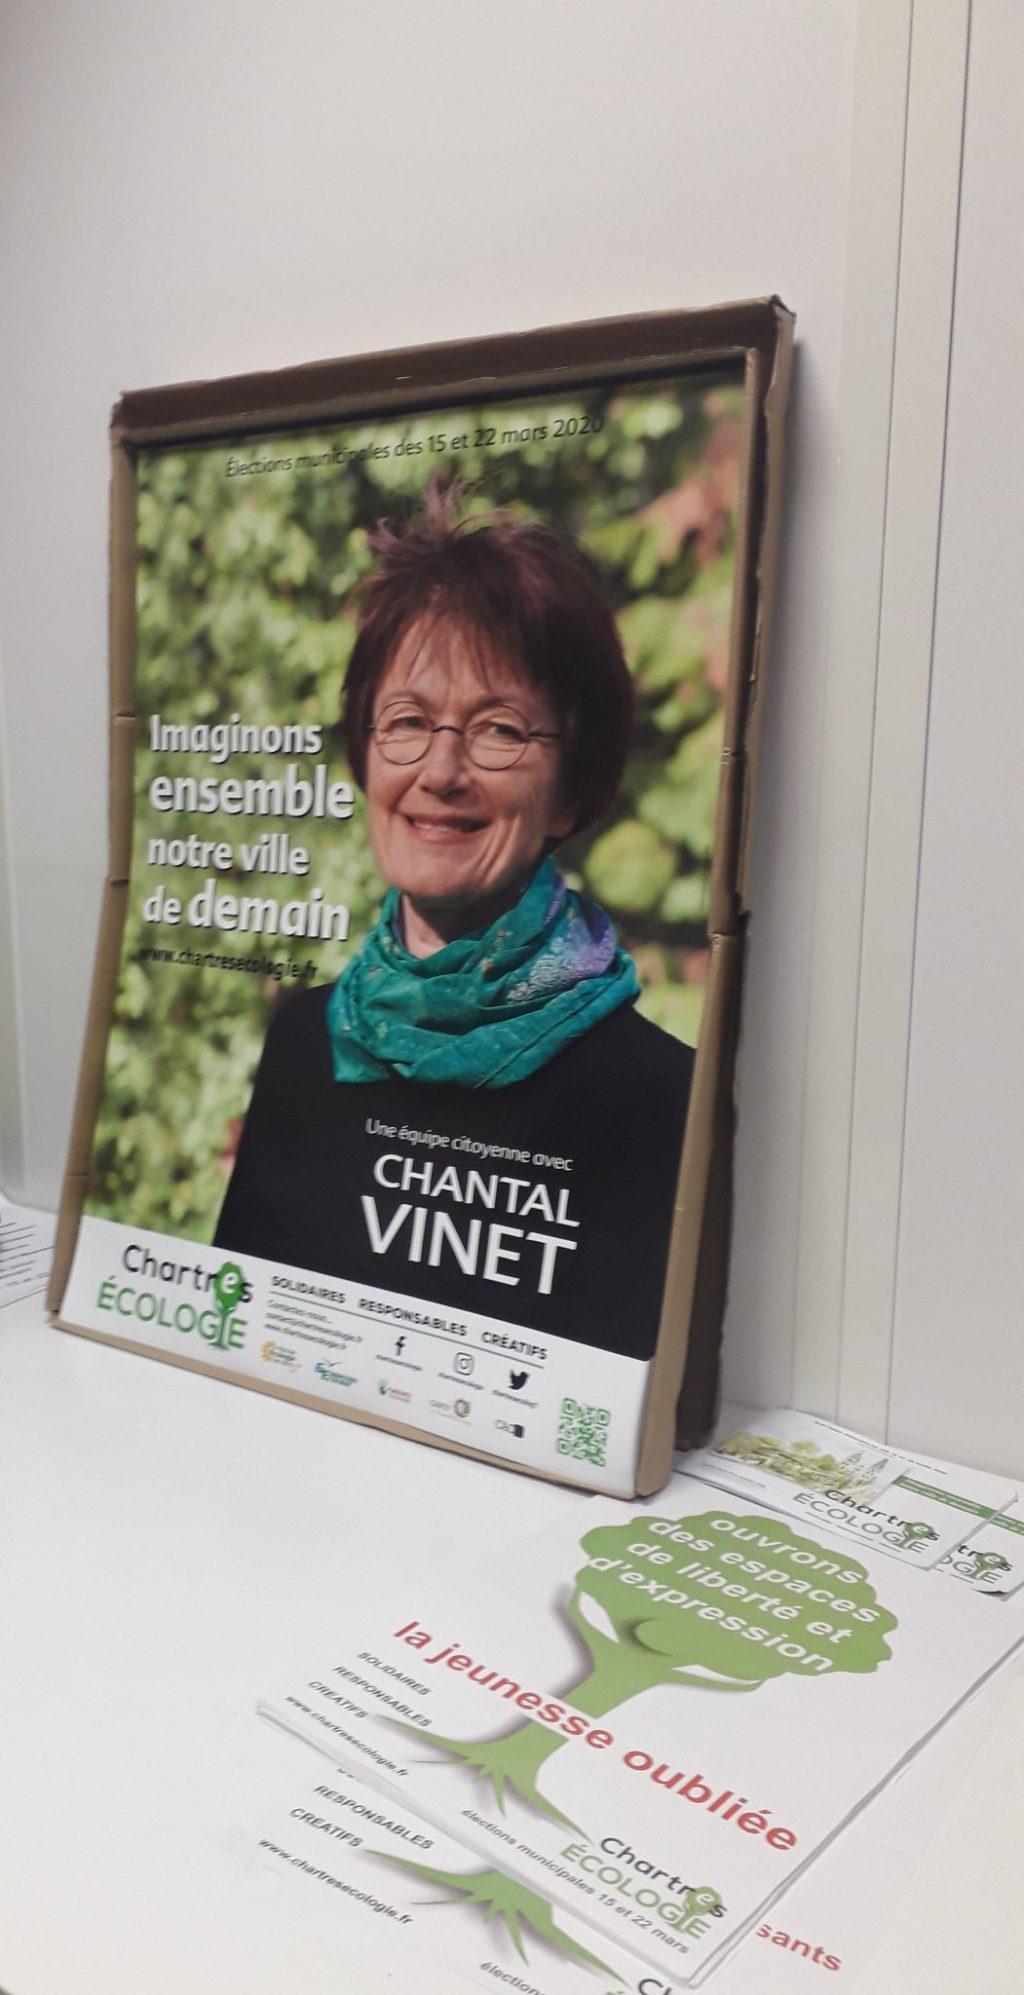 Chantal Vinet Chartres Écologie (affiche) [capture twitter]